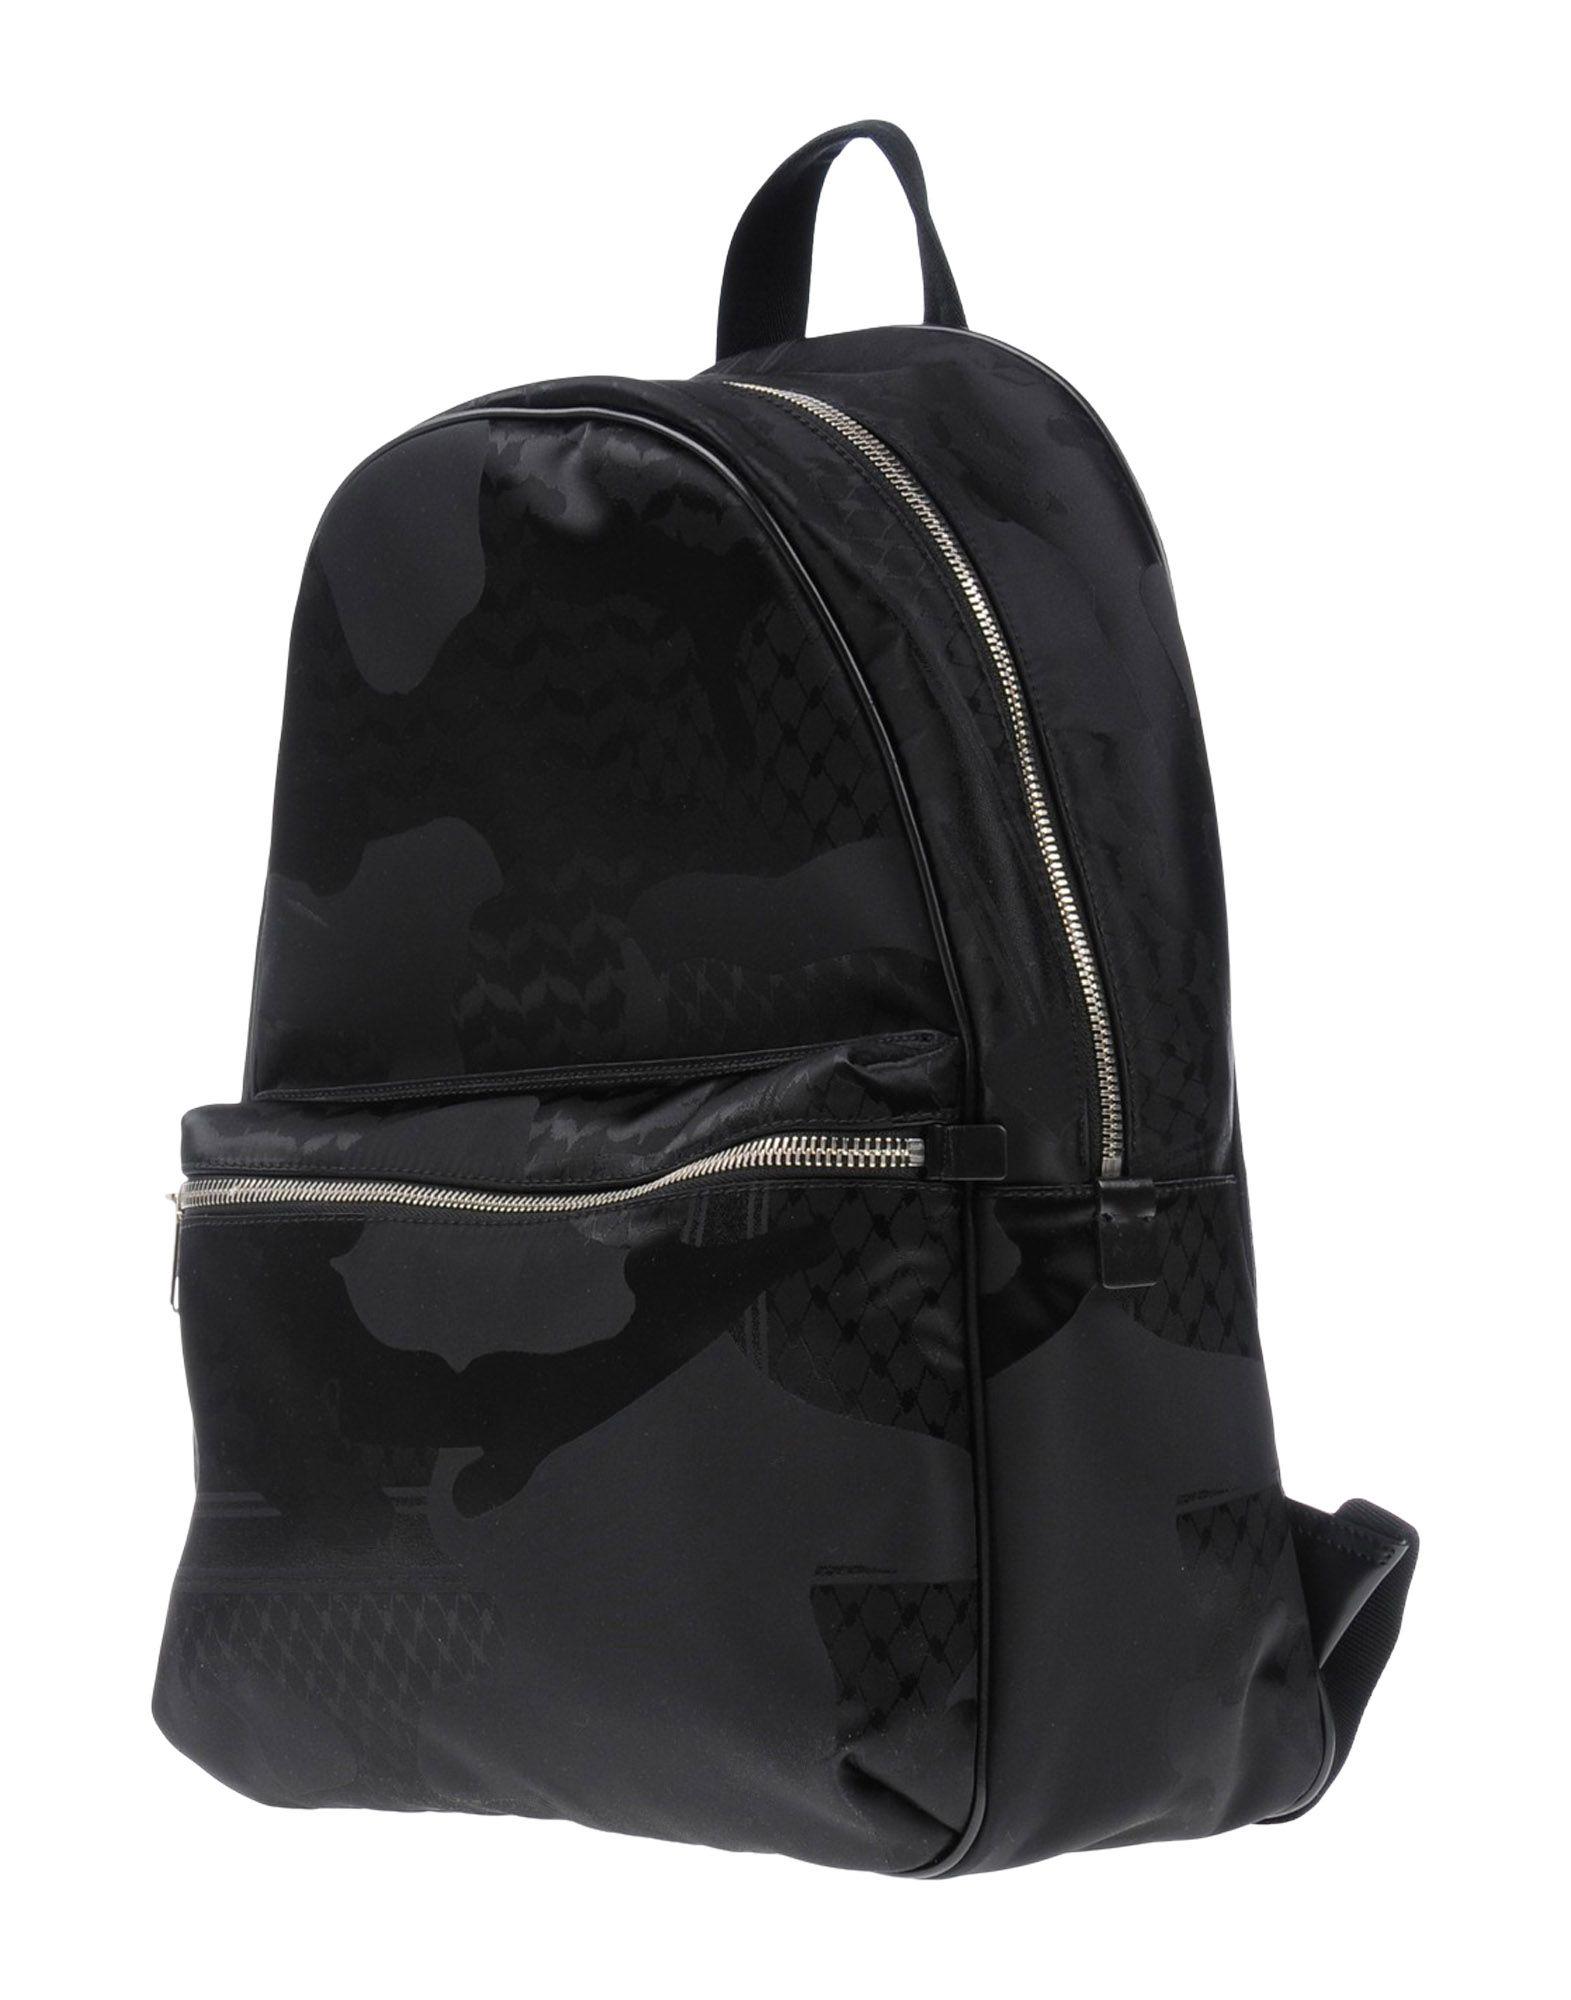 NEIL BARRETT Рюкзаки и сумки на пояс футболка мужская neil barrett fa01 2015